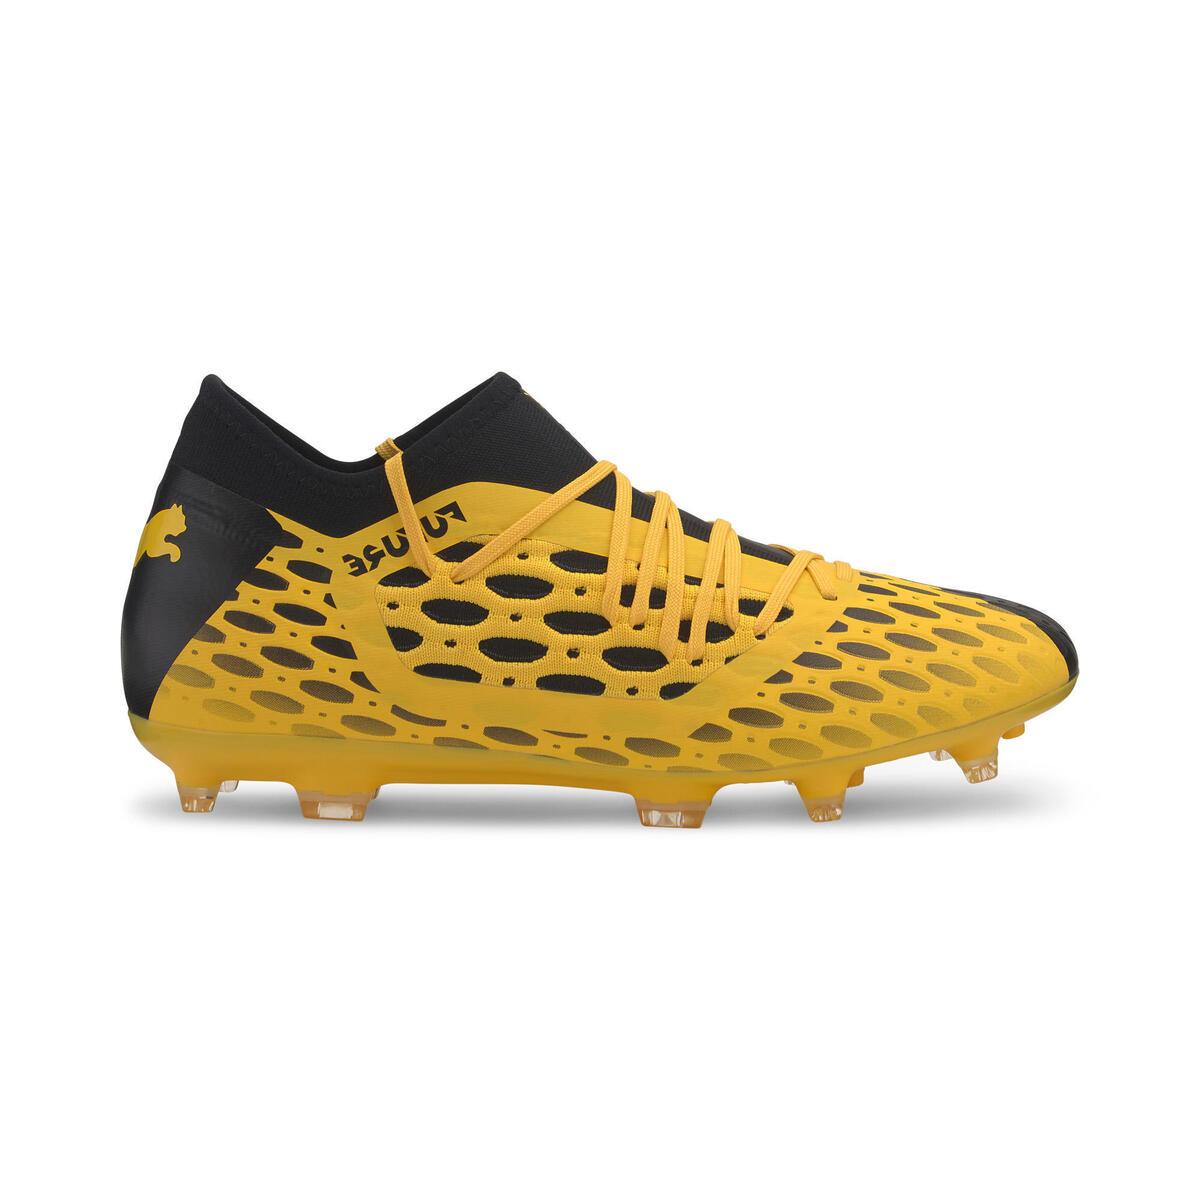 Bild 1 von Fußballschuhe Nocken Future 5.3 FG Erwachsene gelb